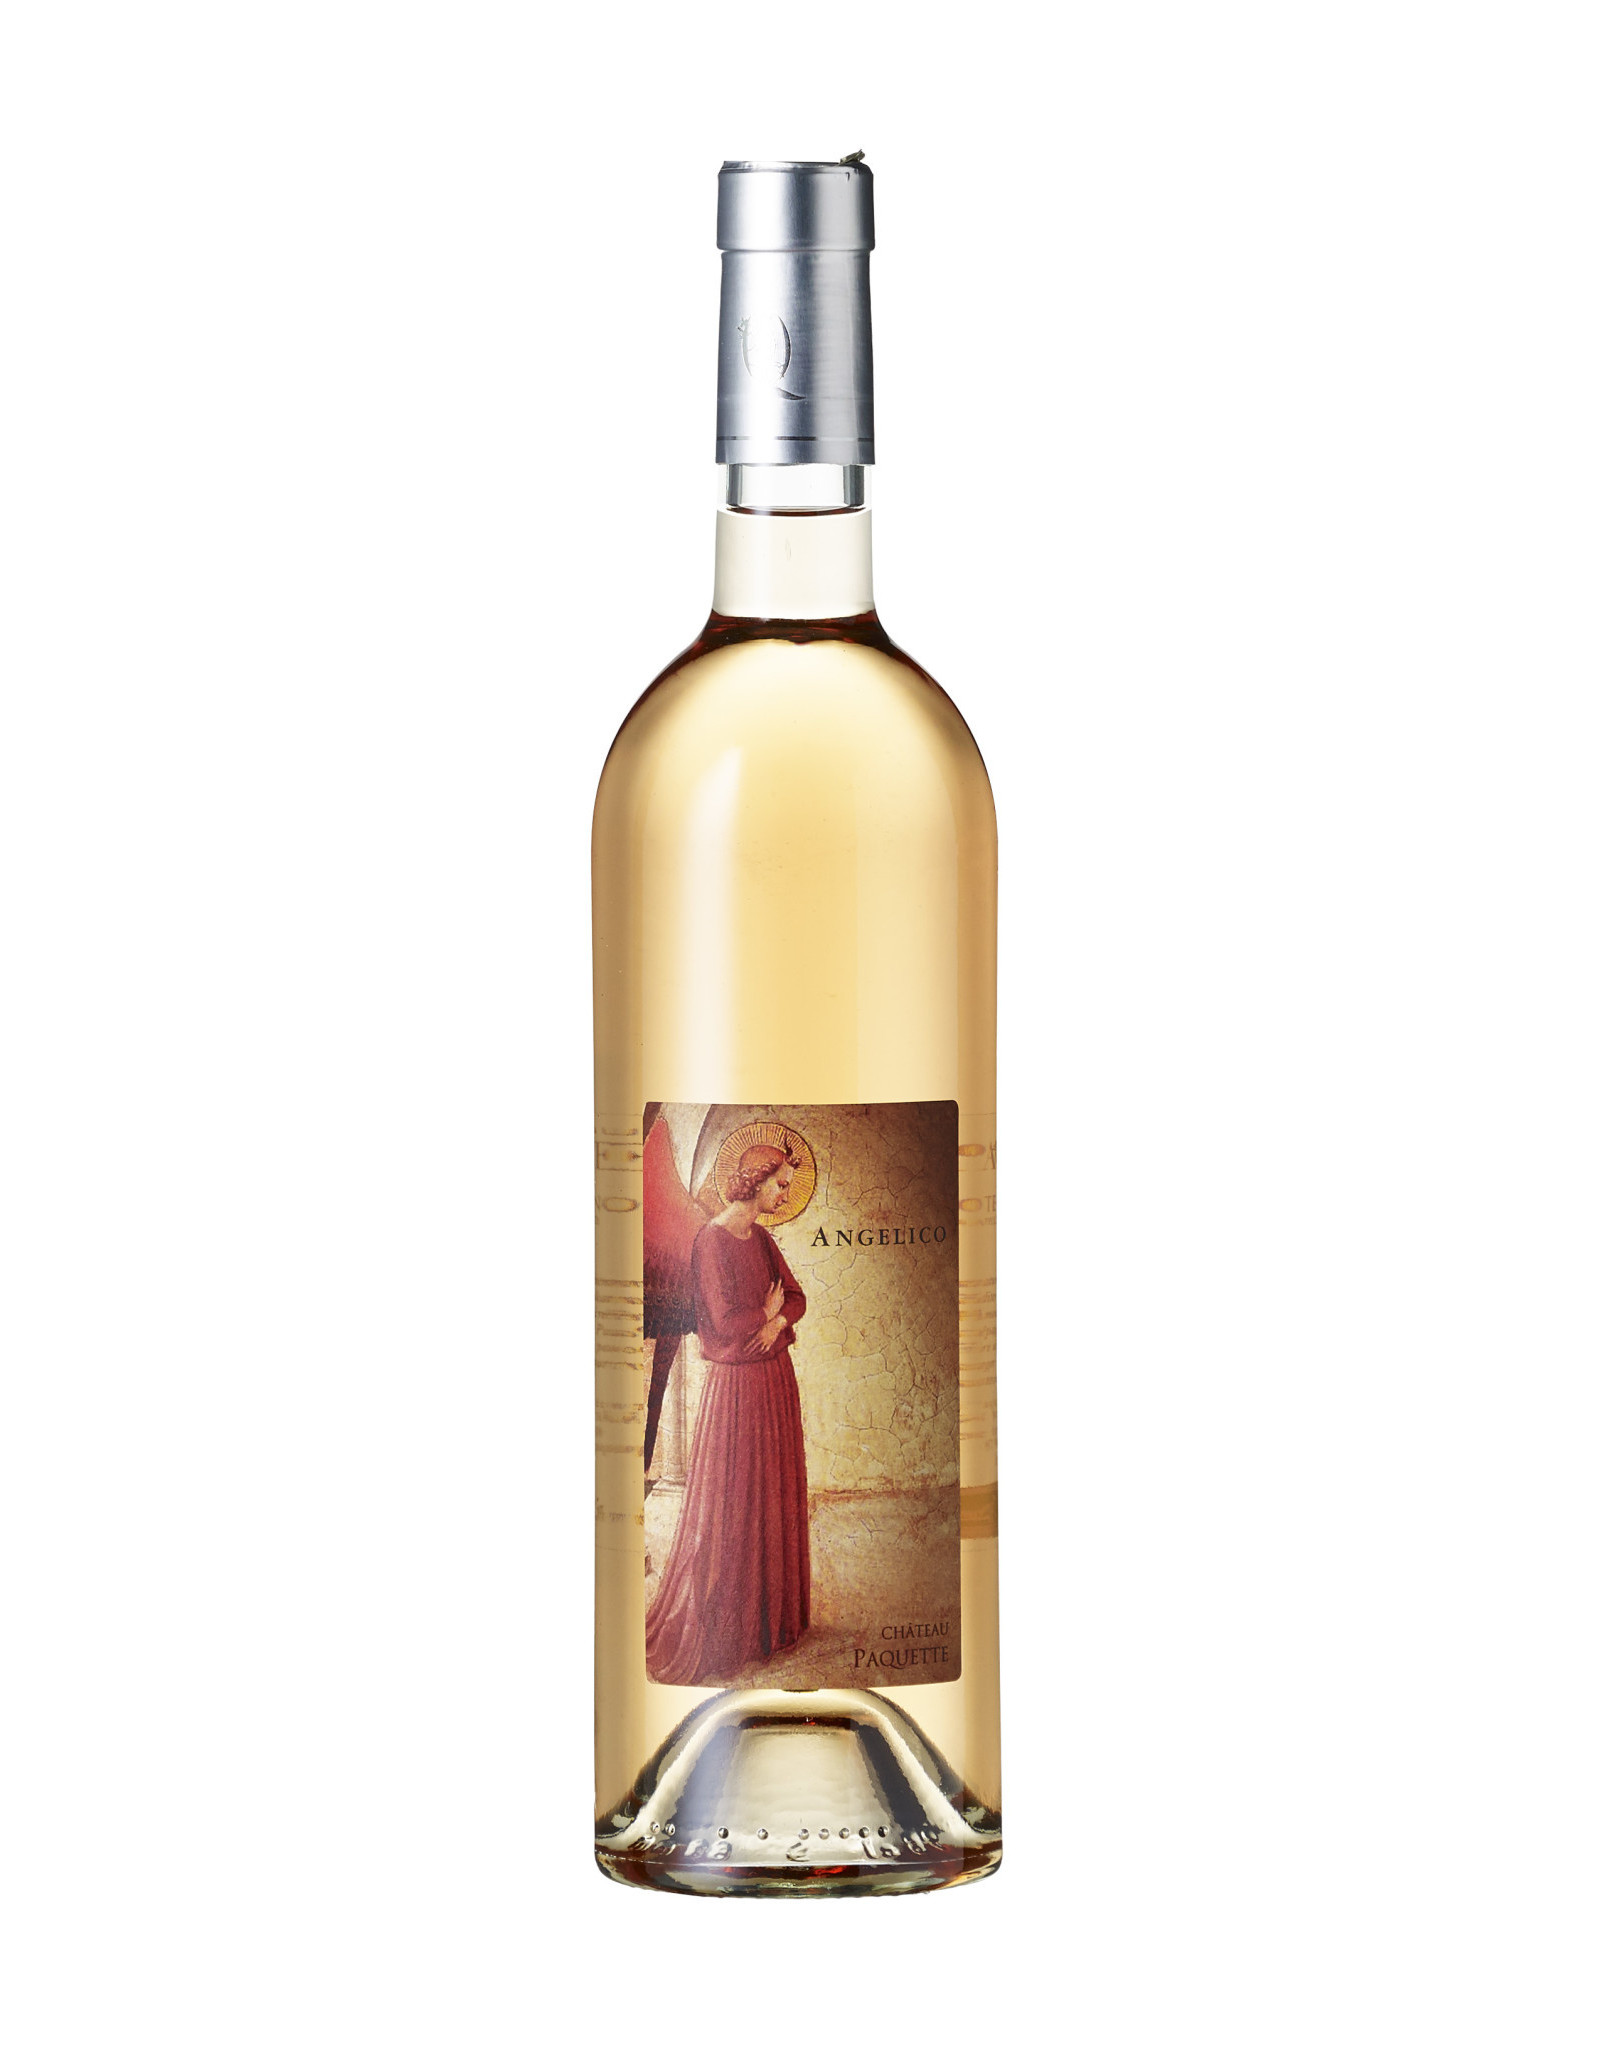 Angelico Rosé 2018 Chateau Paquette